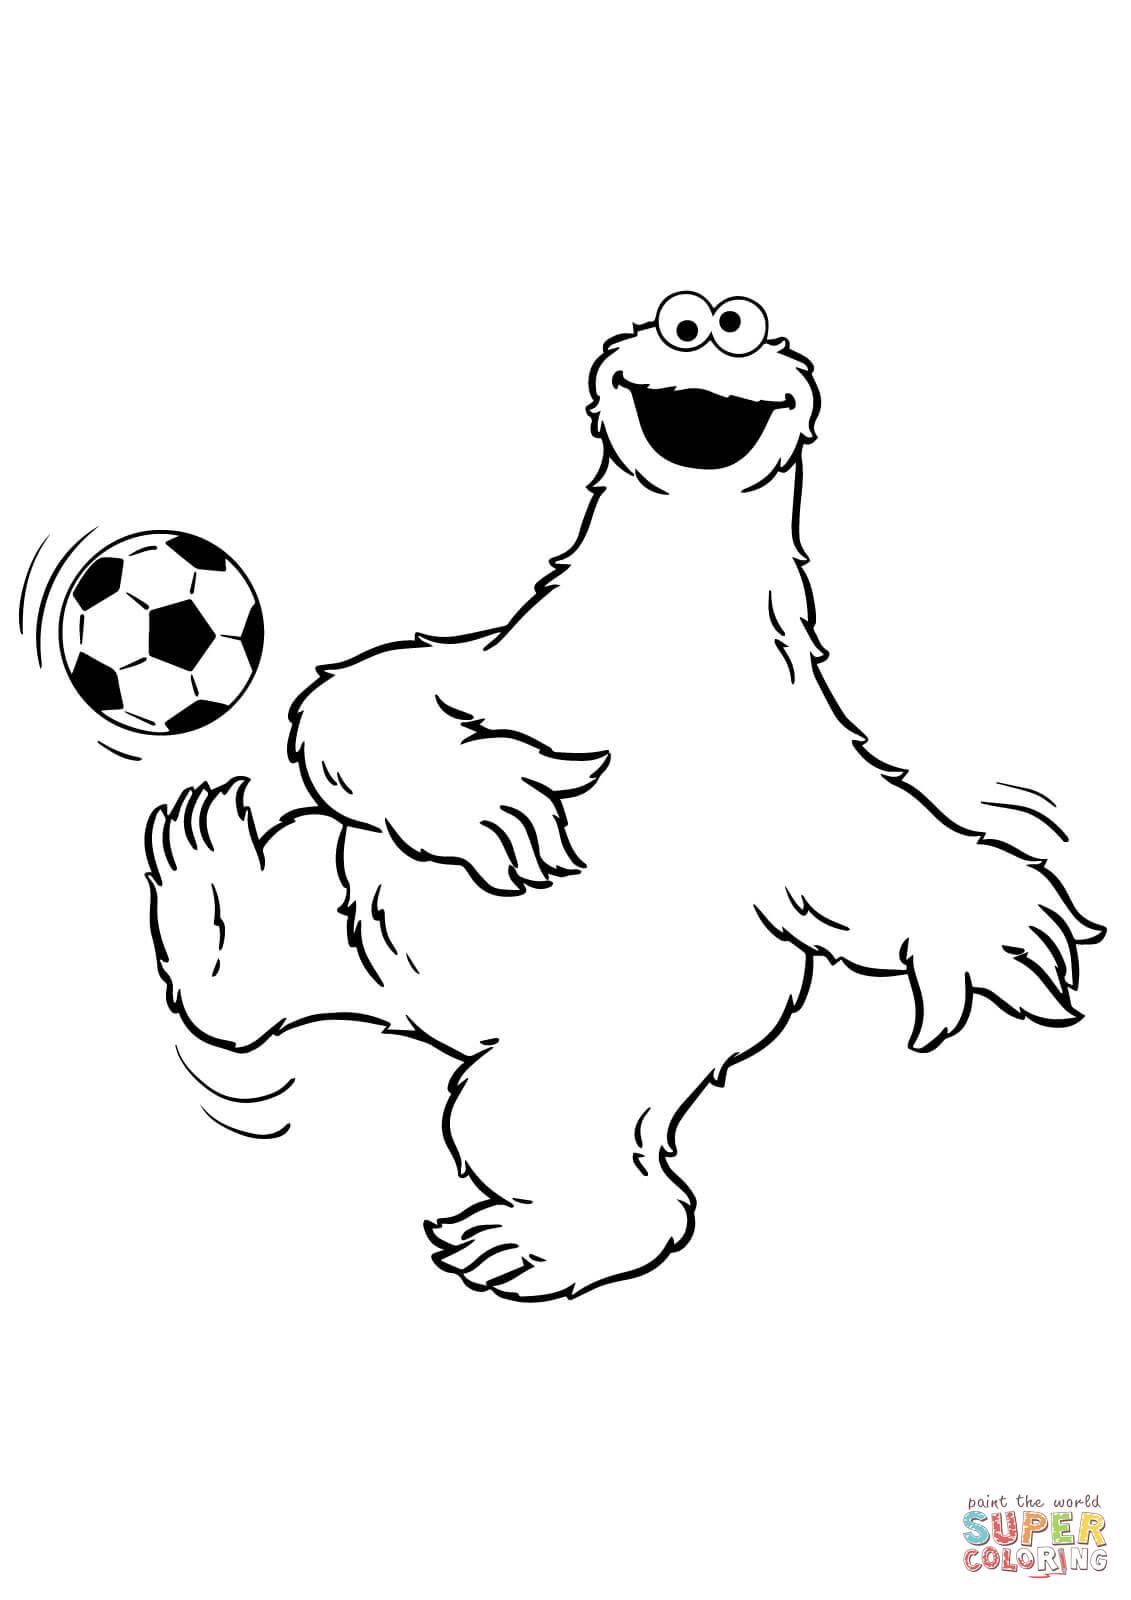 Koekiemonster Speelt Voetbal Kleurplaat